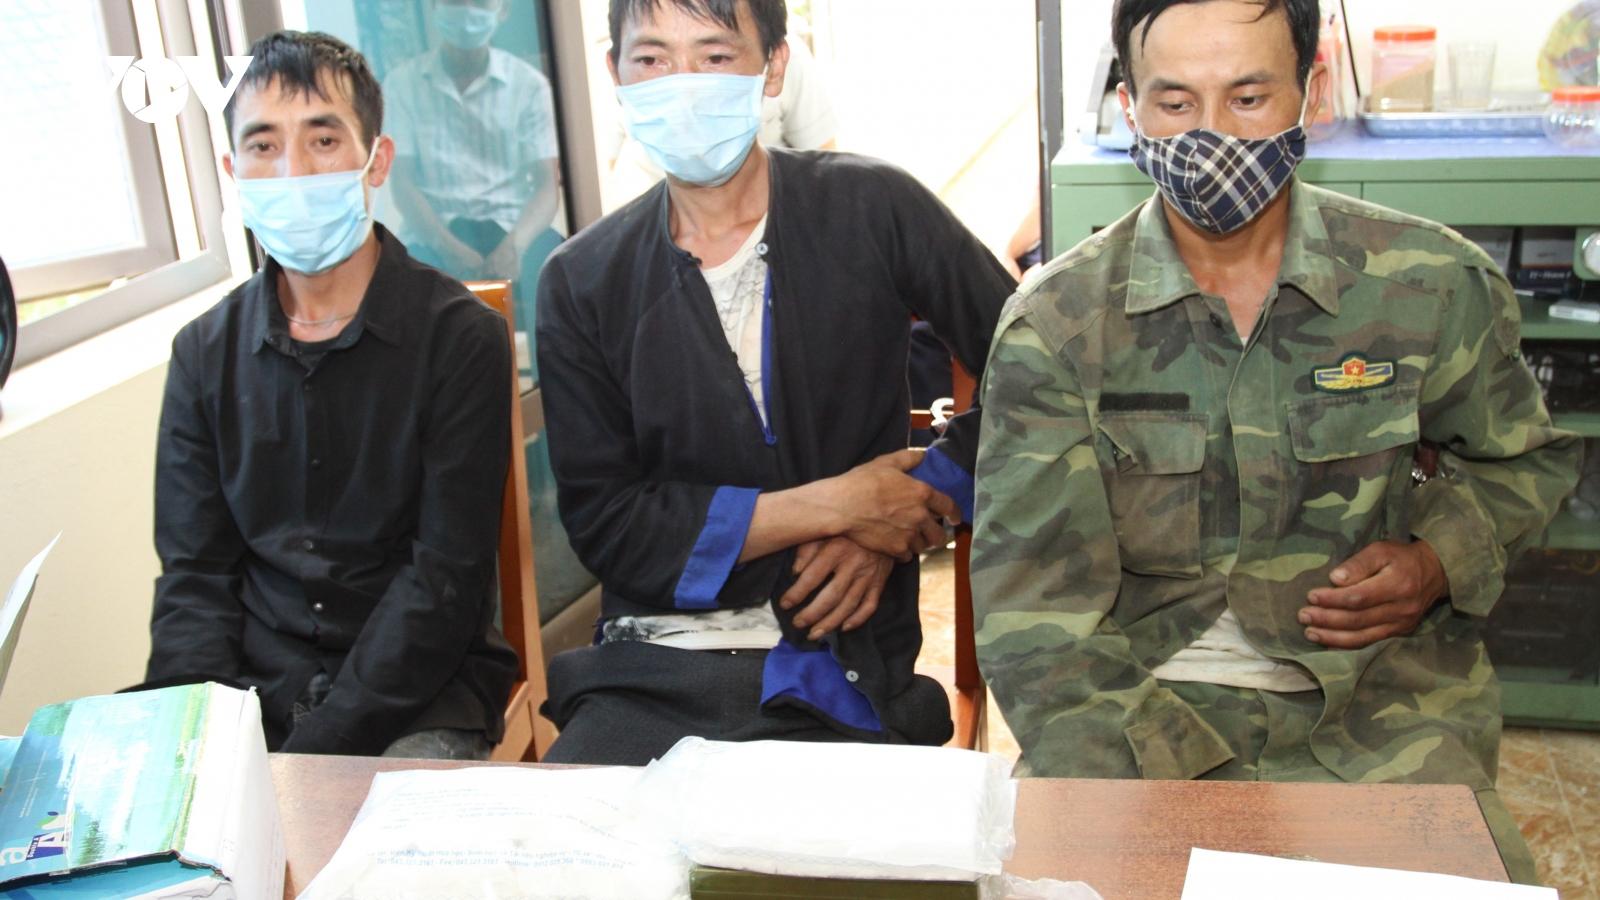 Yên Bái bắt 3 đối tượng mua bán 7 bánh heroin